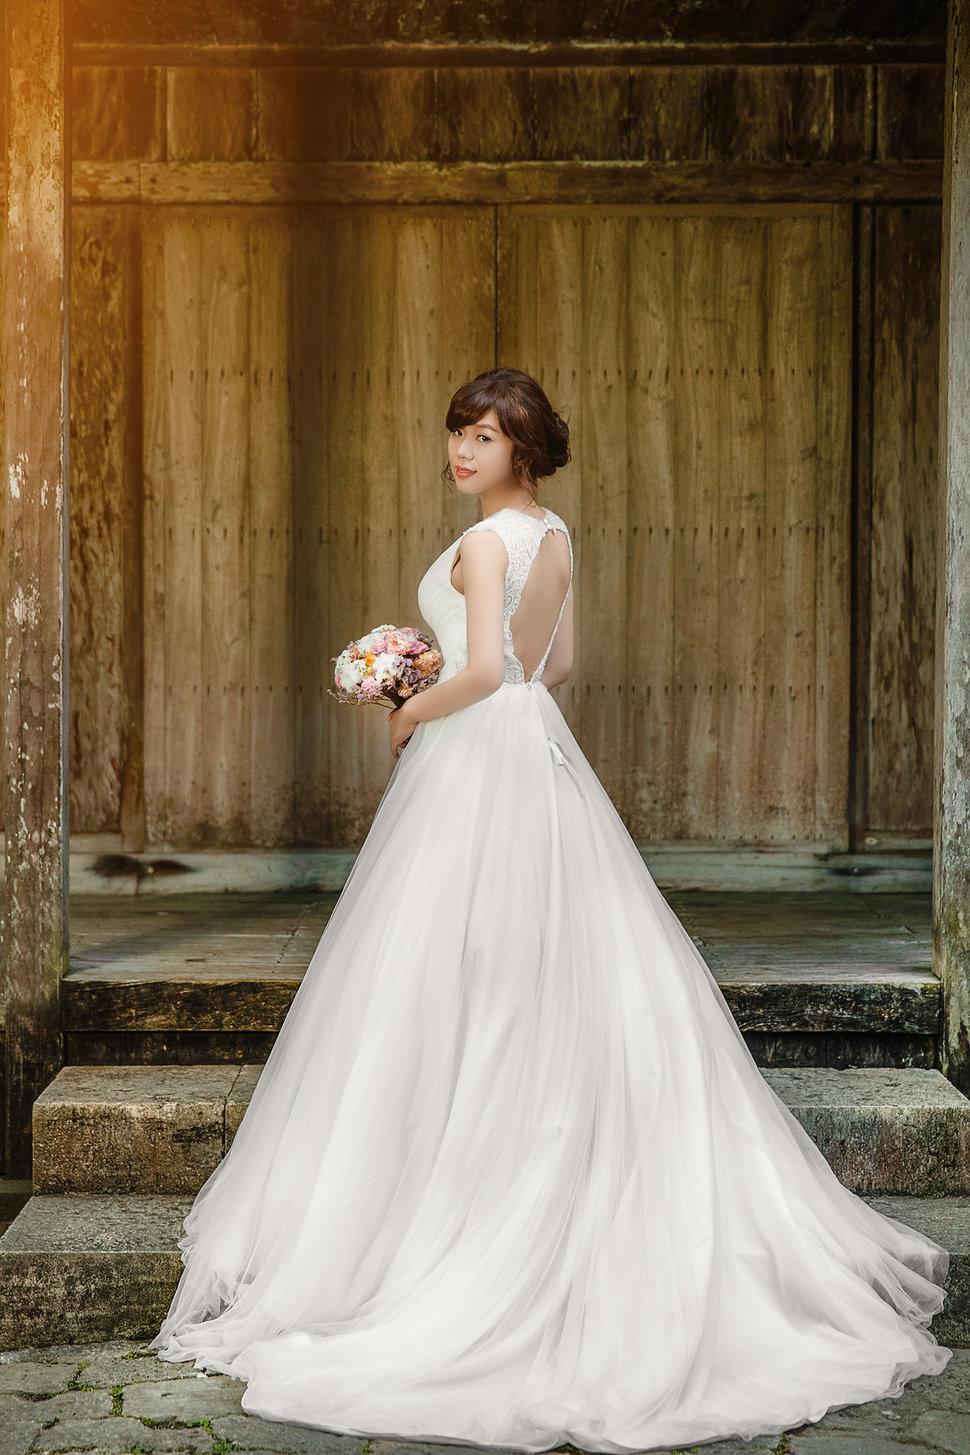 1 - Vivi's Studio 新娘秘書《結婚吧》